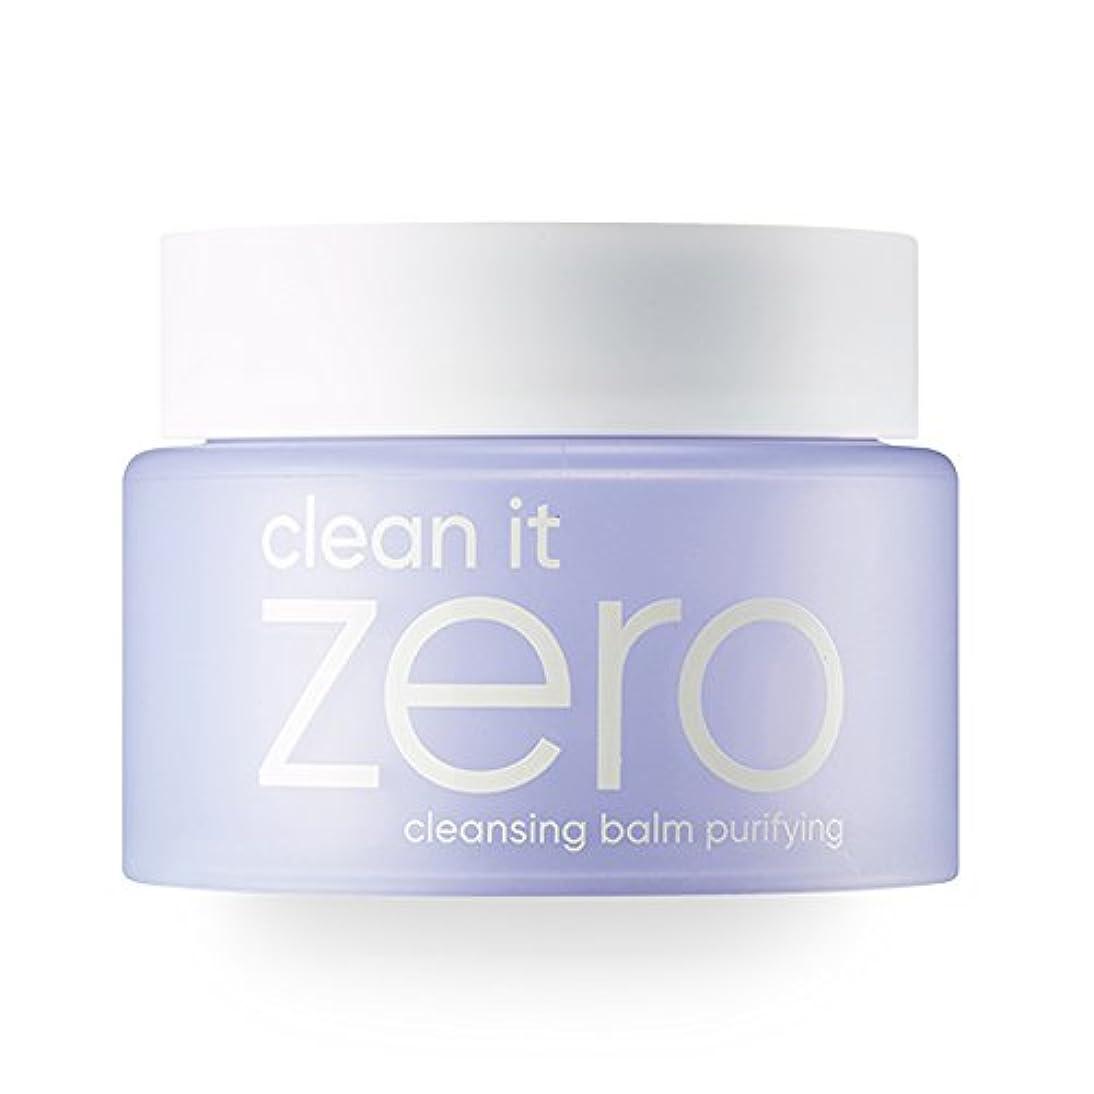 後方特異なショッピングセンターBANILA CO(バニラコ) クリーン イット ゼロ クレンジング バーム ピュリファイング Clean It Zero Purifying